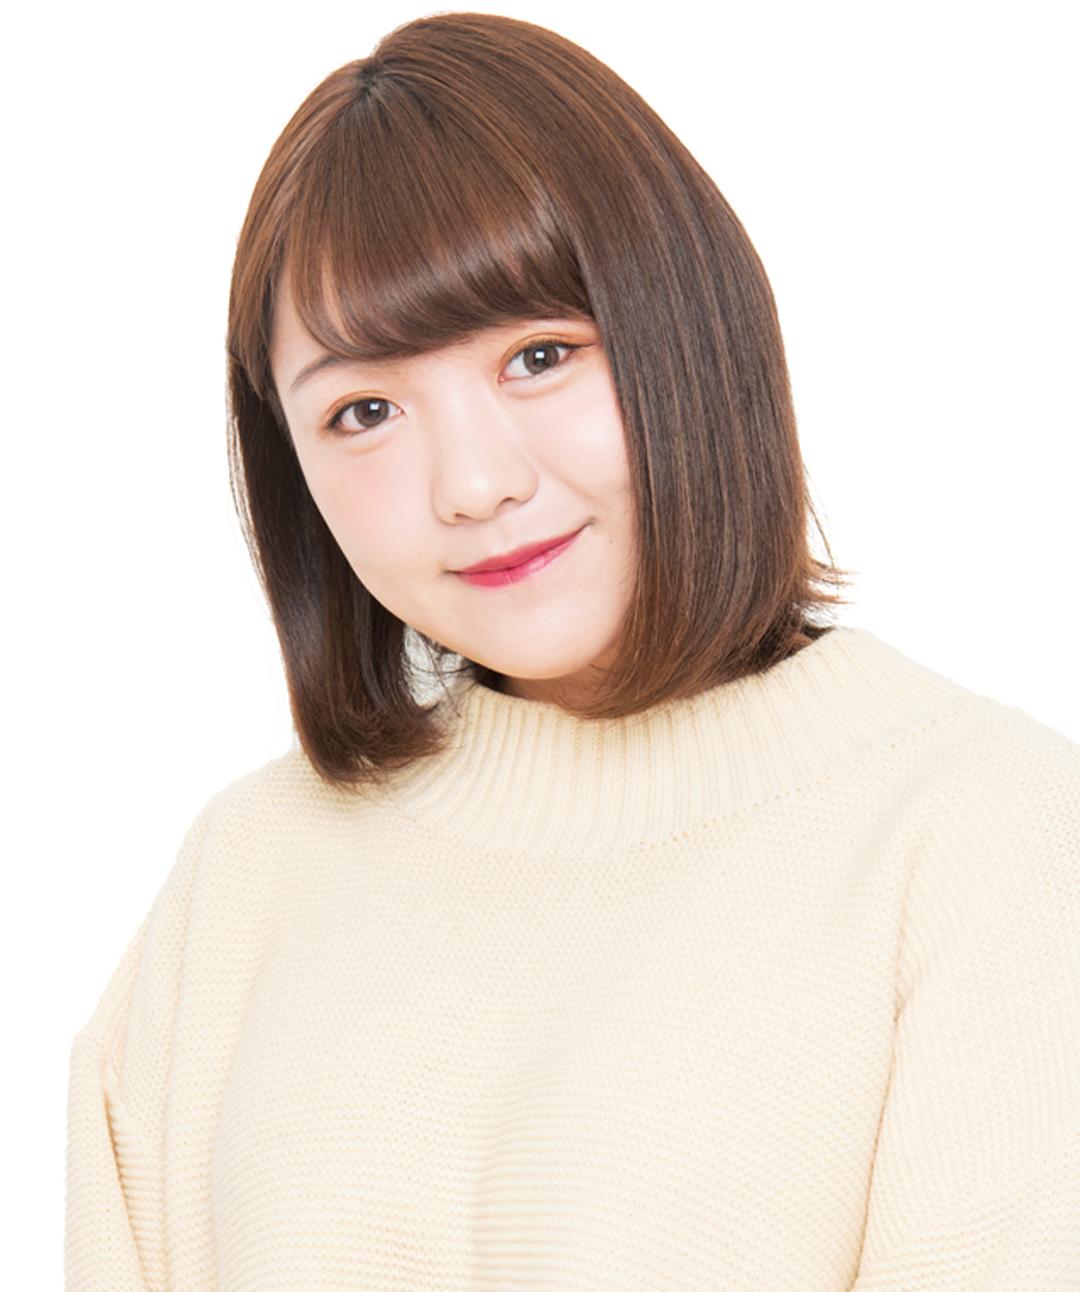 祝♡ 新加入! 5期生のブログをまとめてチェック【カワイイ選抜】_1_4-1